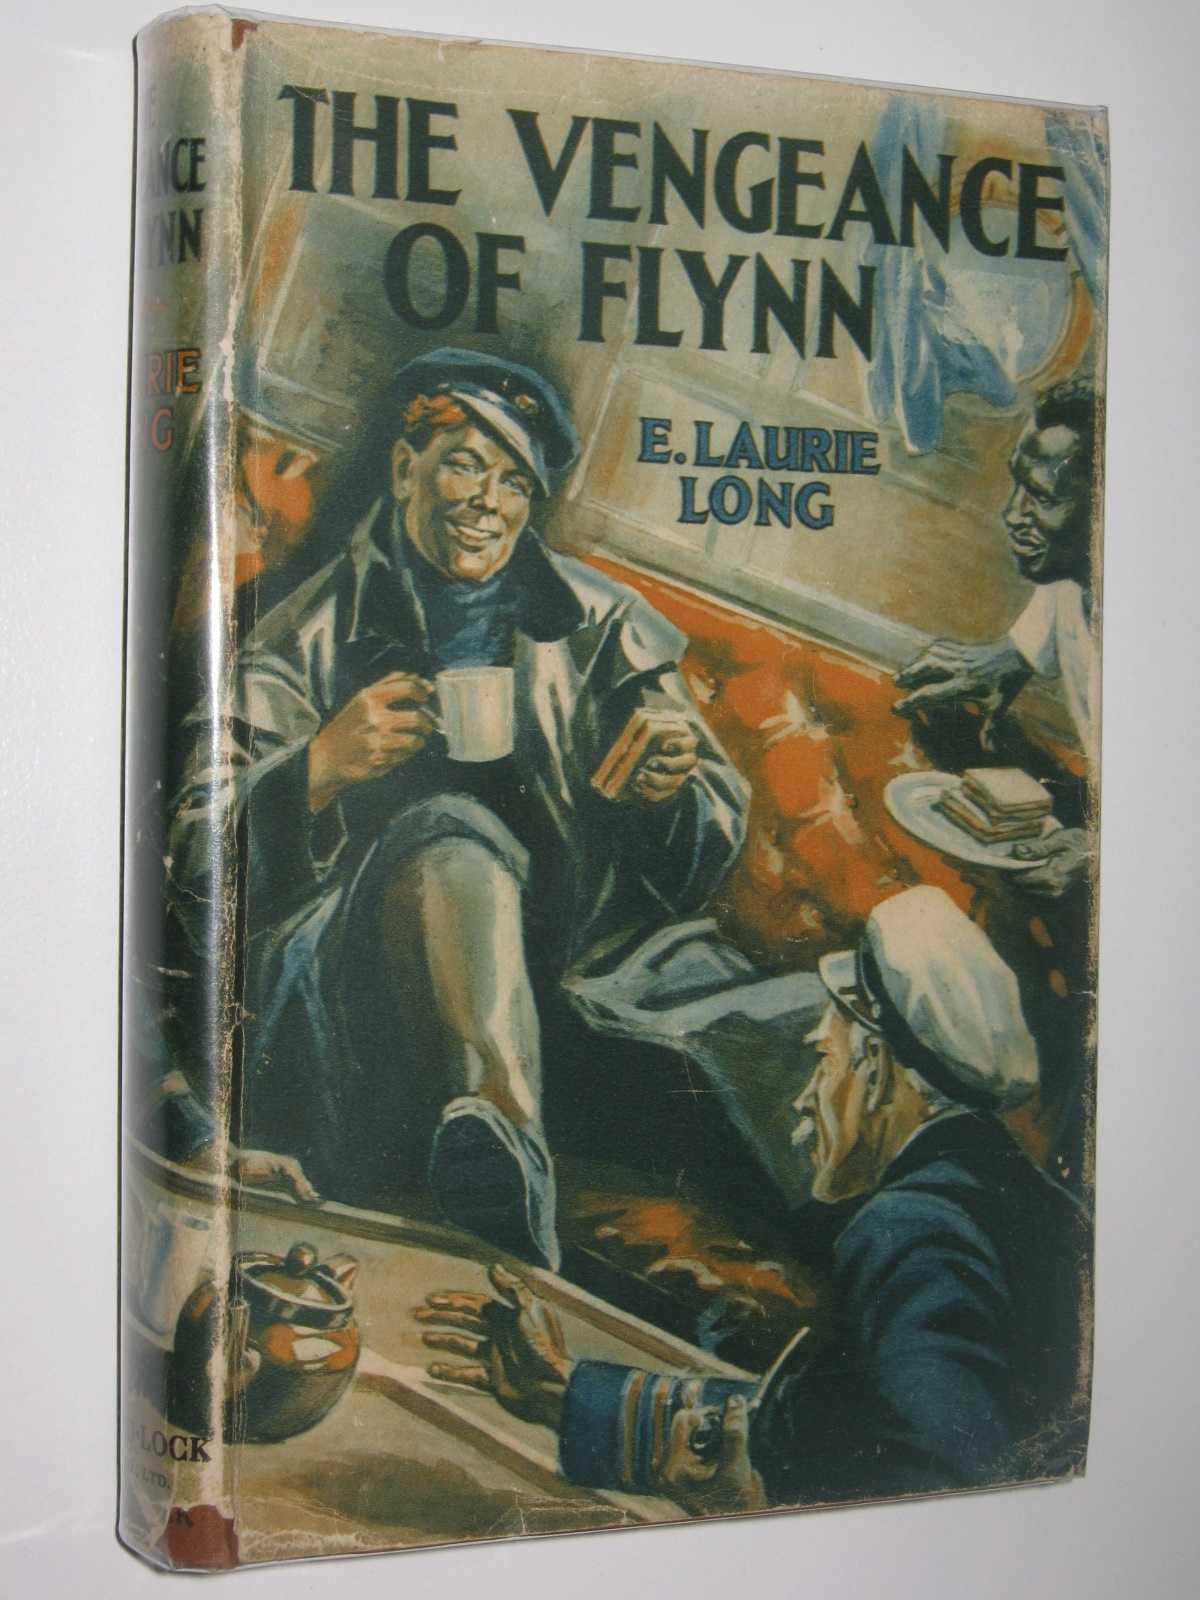 The Vengeance of Flynn, Long, E. Laurie